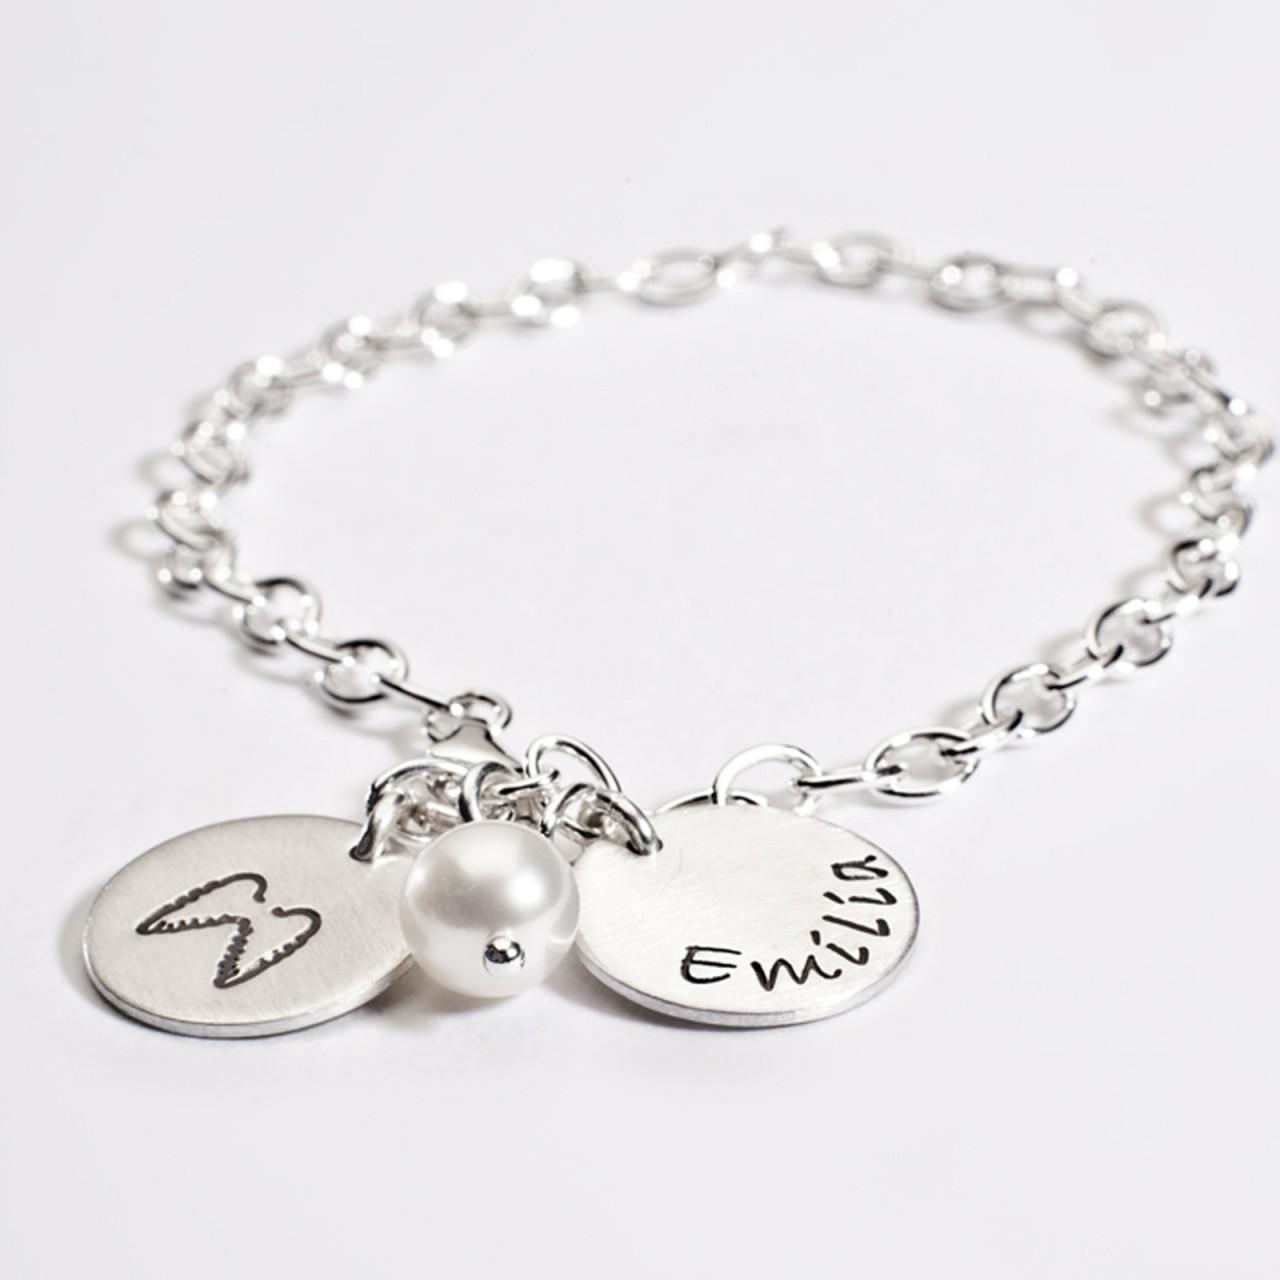 925-Silber-Fukette-mit-Perle-und-Engelsfluegel